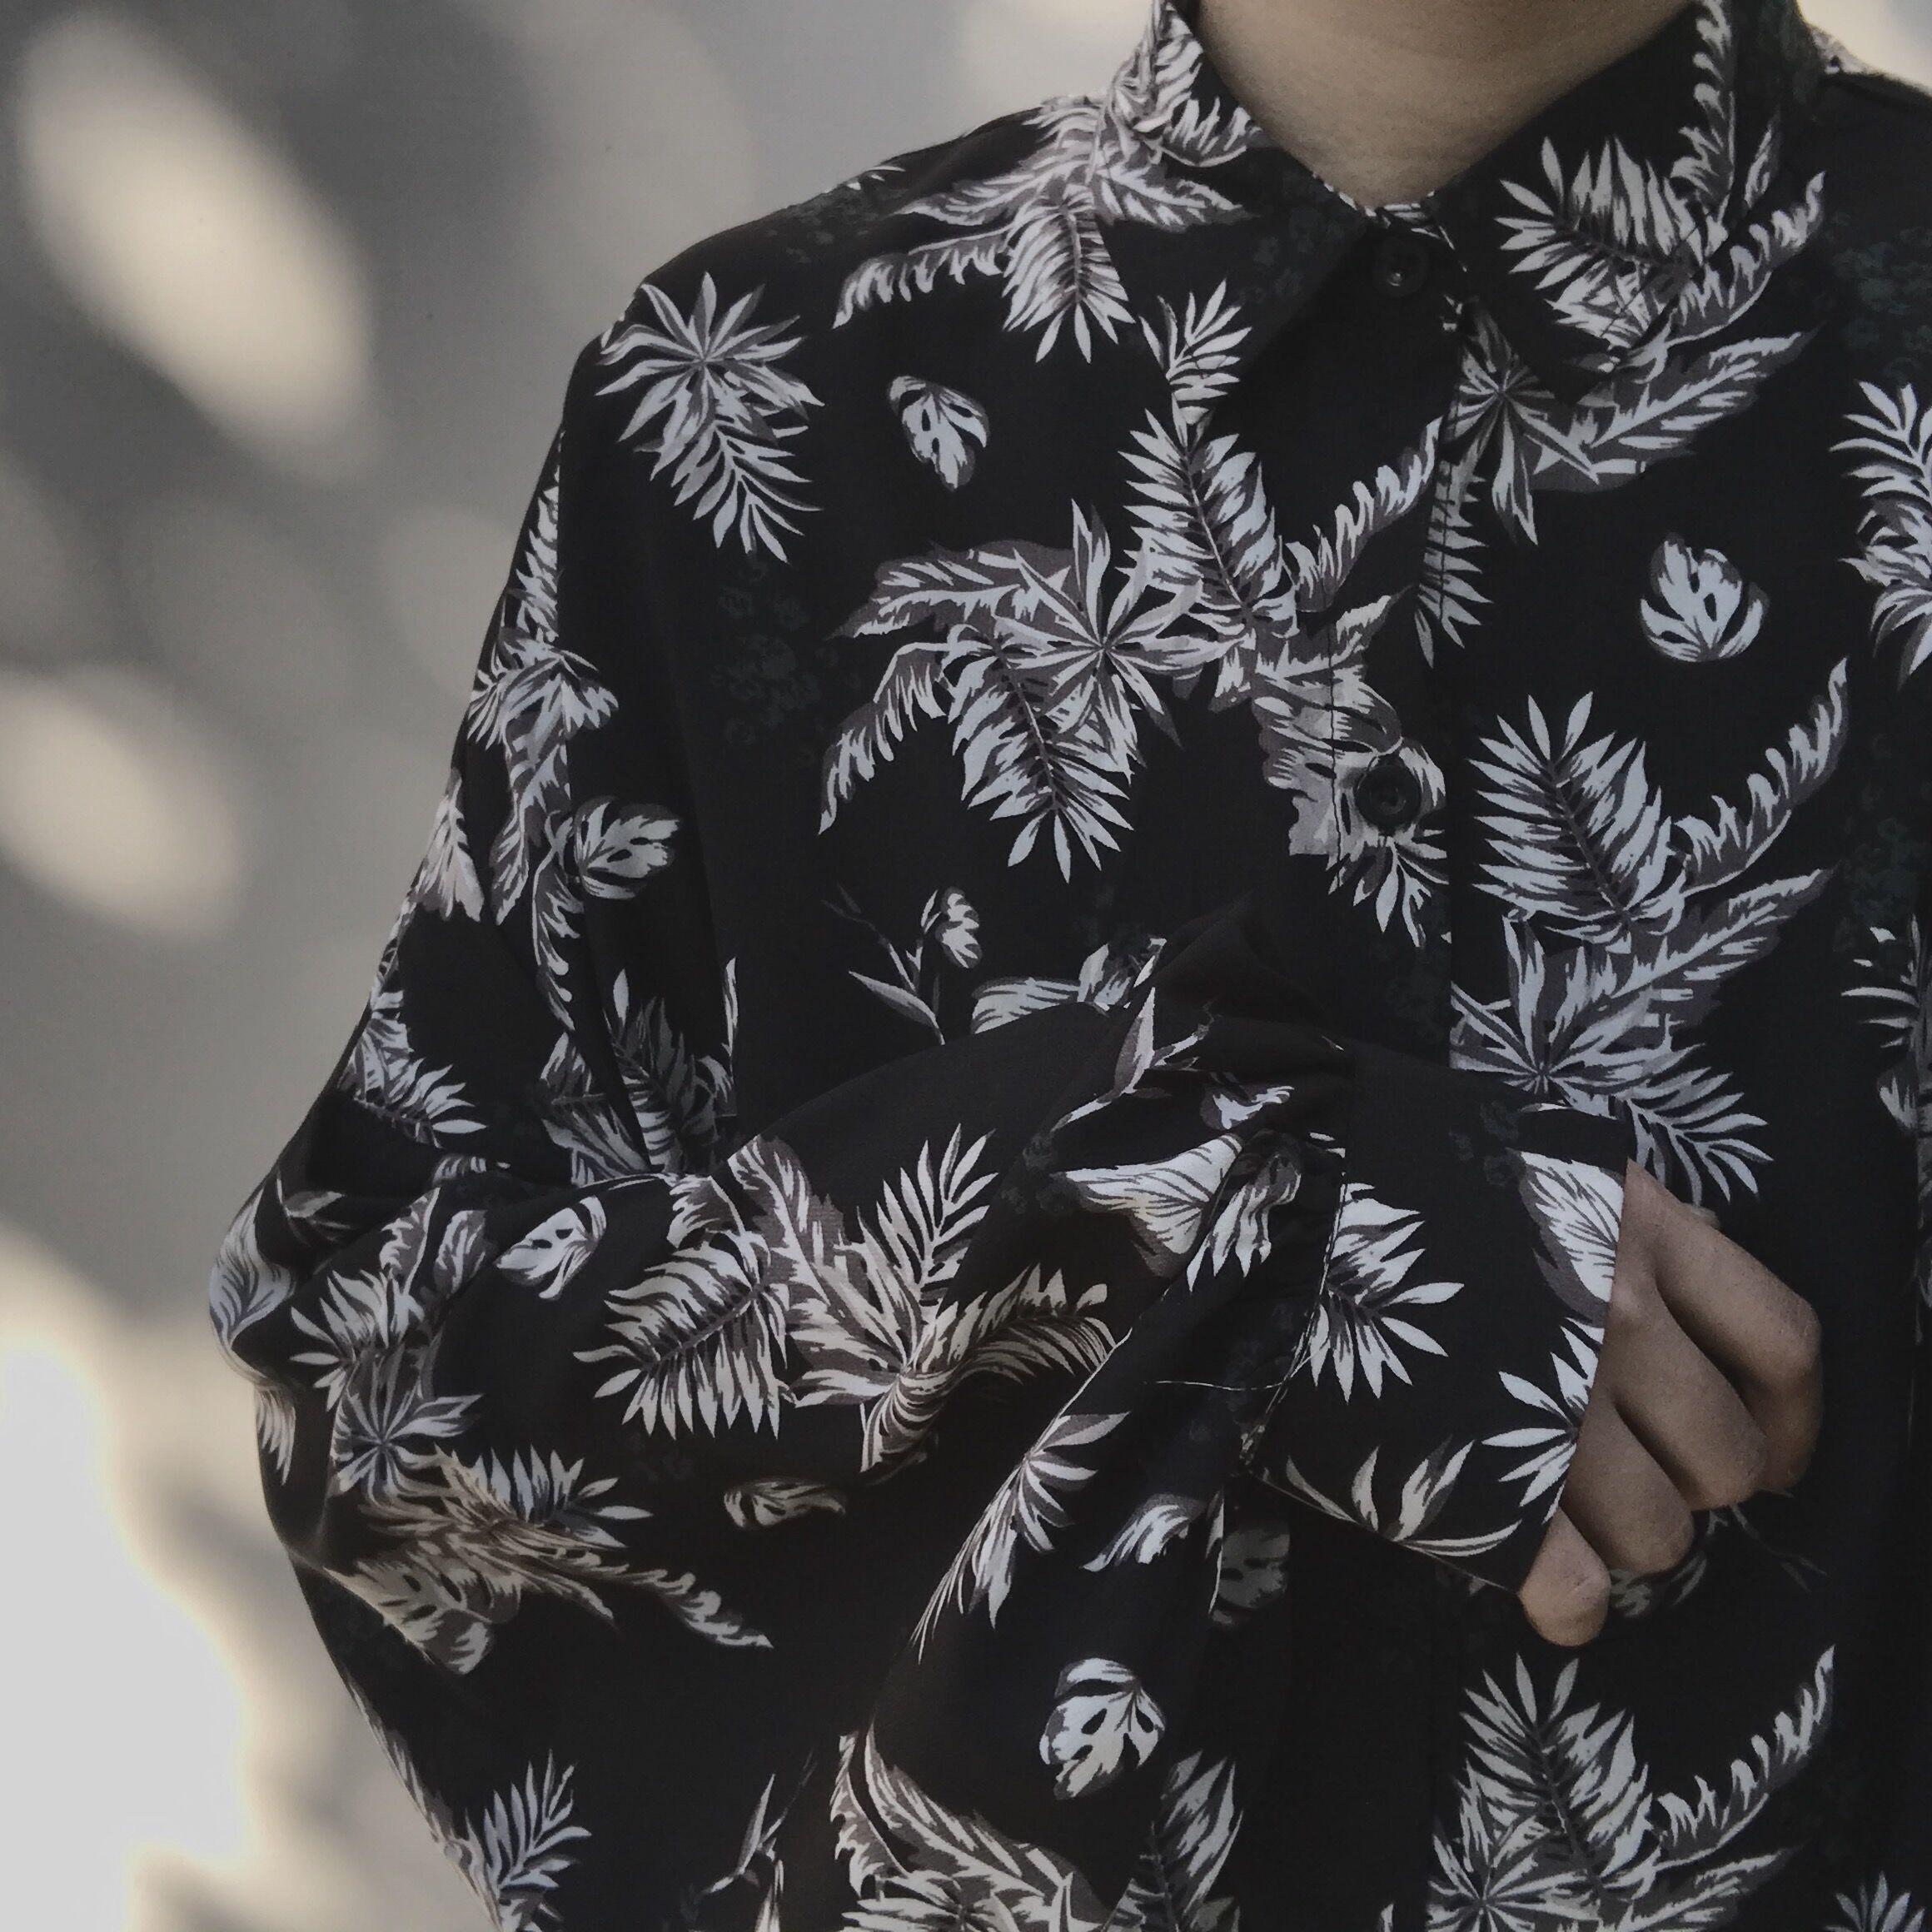 黑色衬衫 阿茶与阿古2018春装新款暗黑花卉廓形慵懒风韩风时髦衬衫_推荐淘宝好看的黑色衬衫